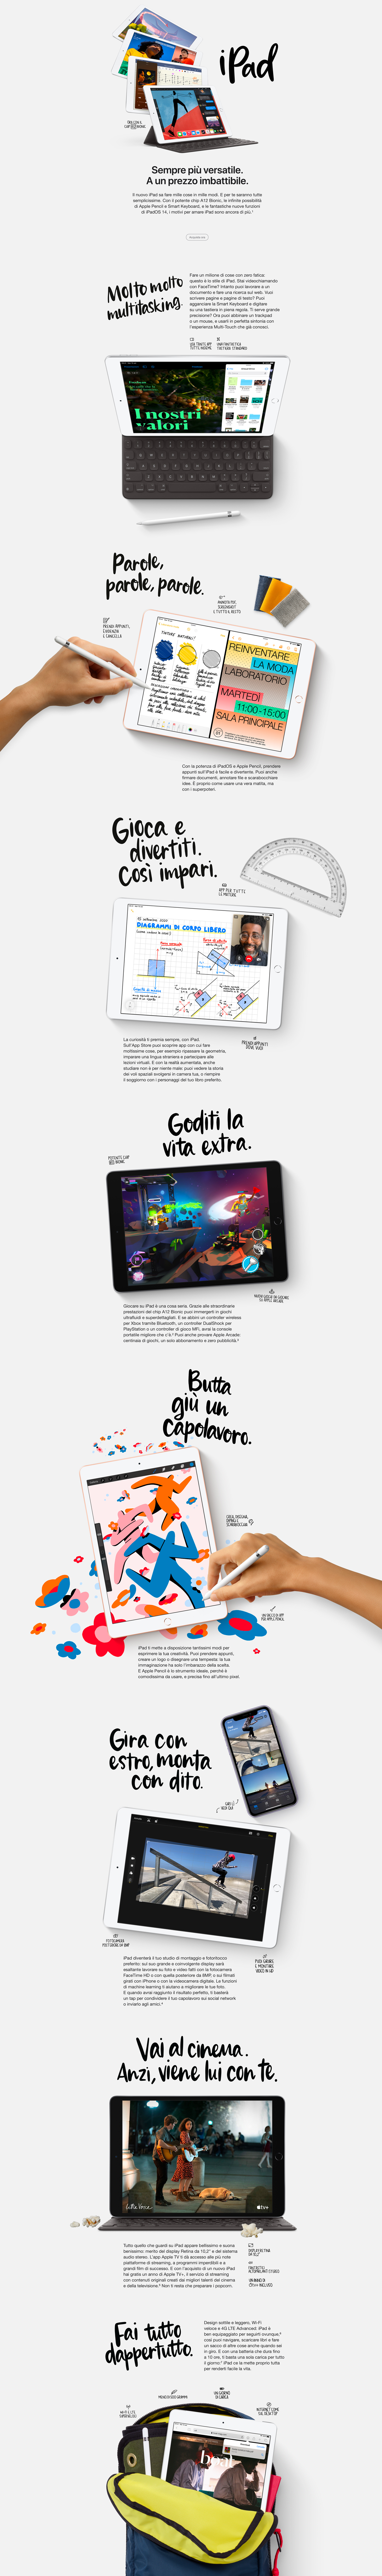 iPad 8th gen